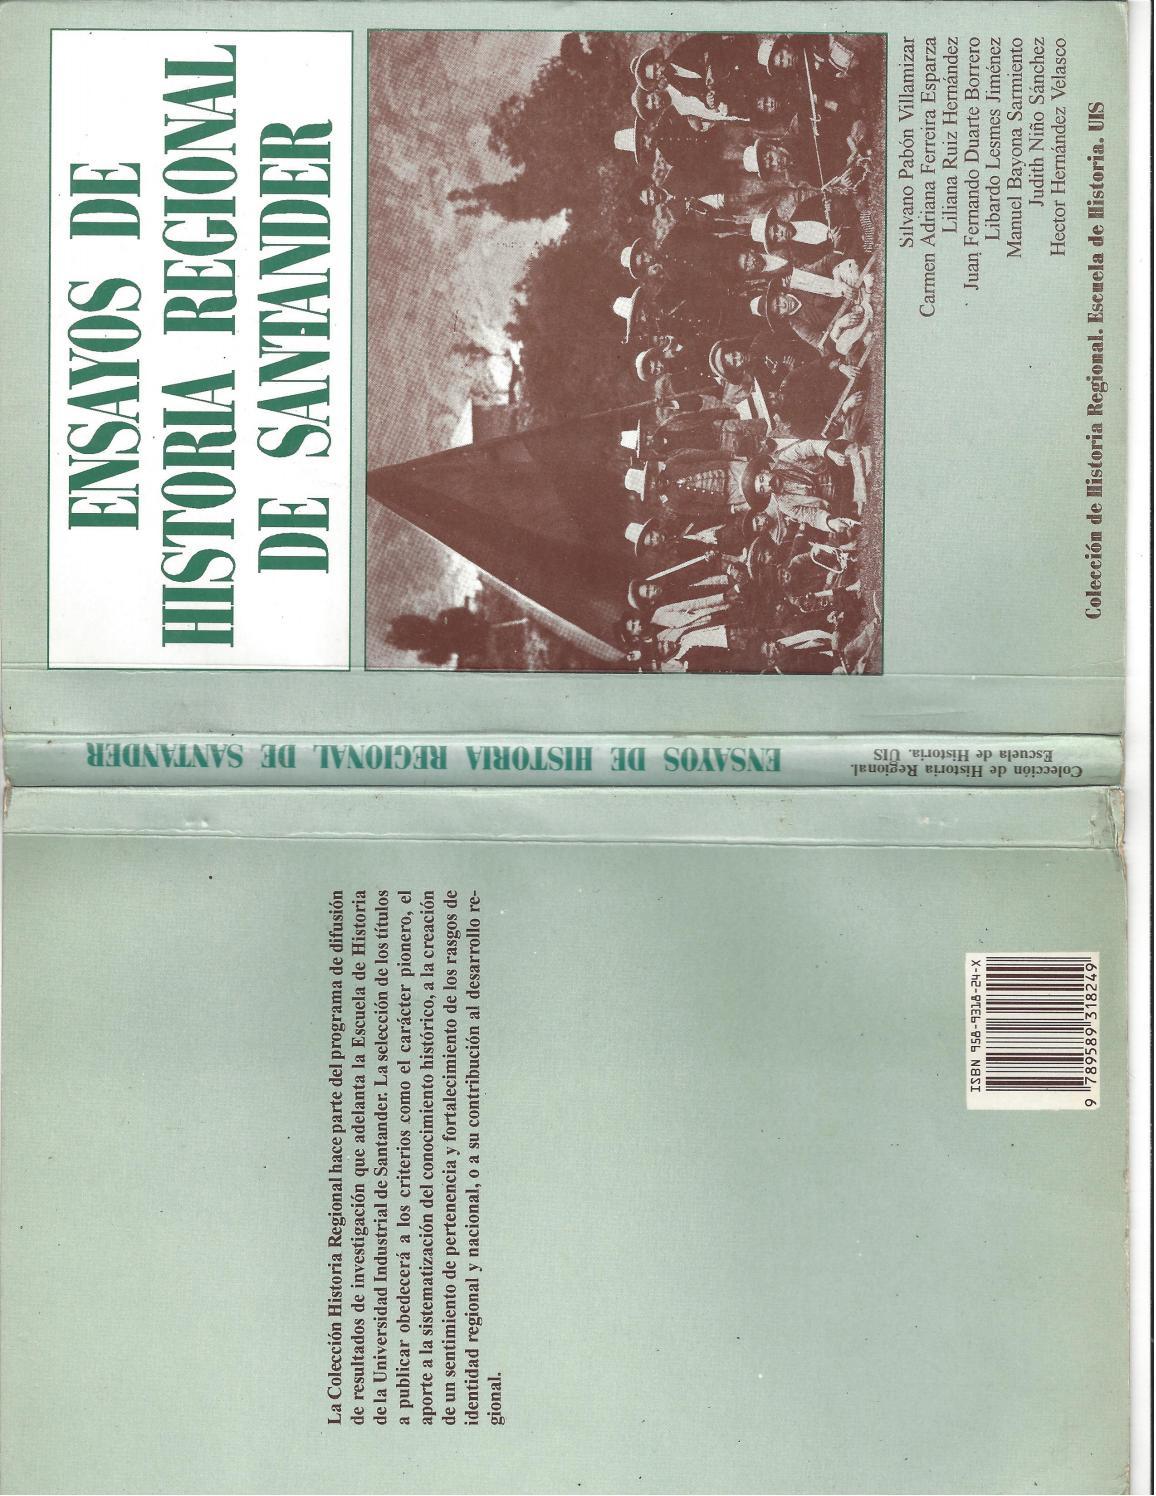 Ensayos De Historia Regional De Santander By Silvano Pab N  # Muebles Borrero Alosno